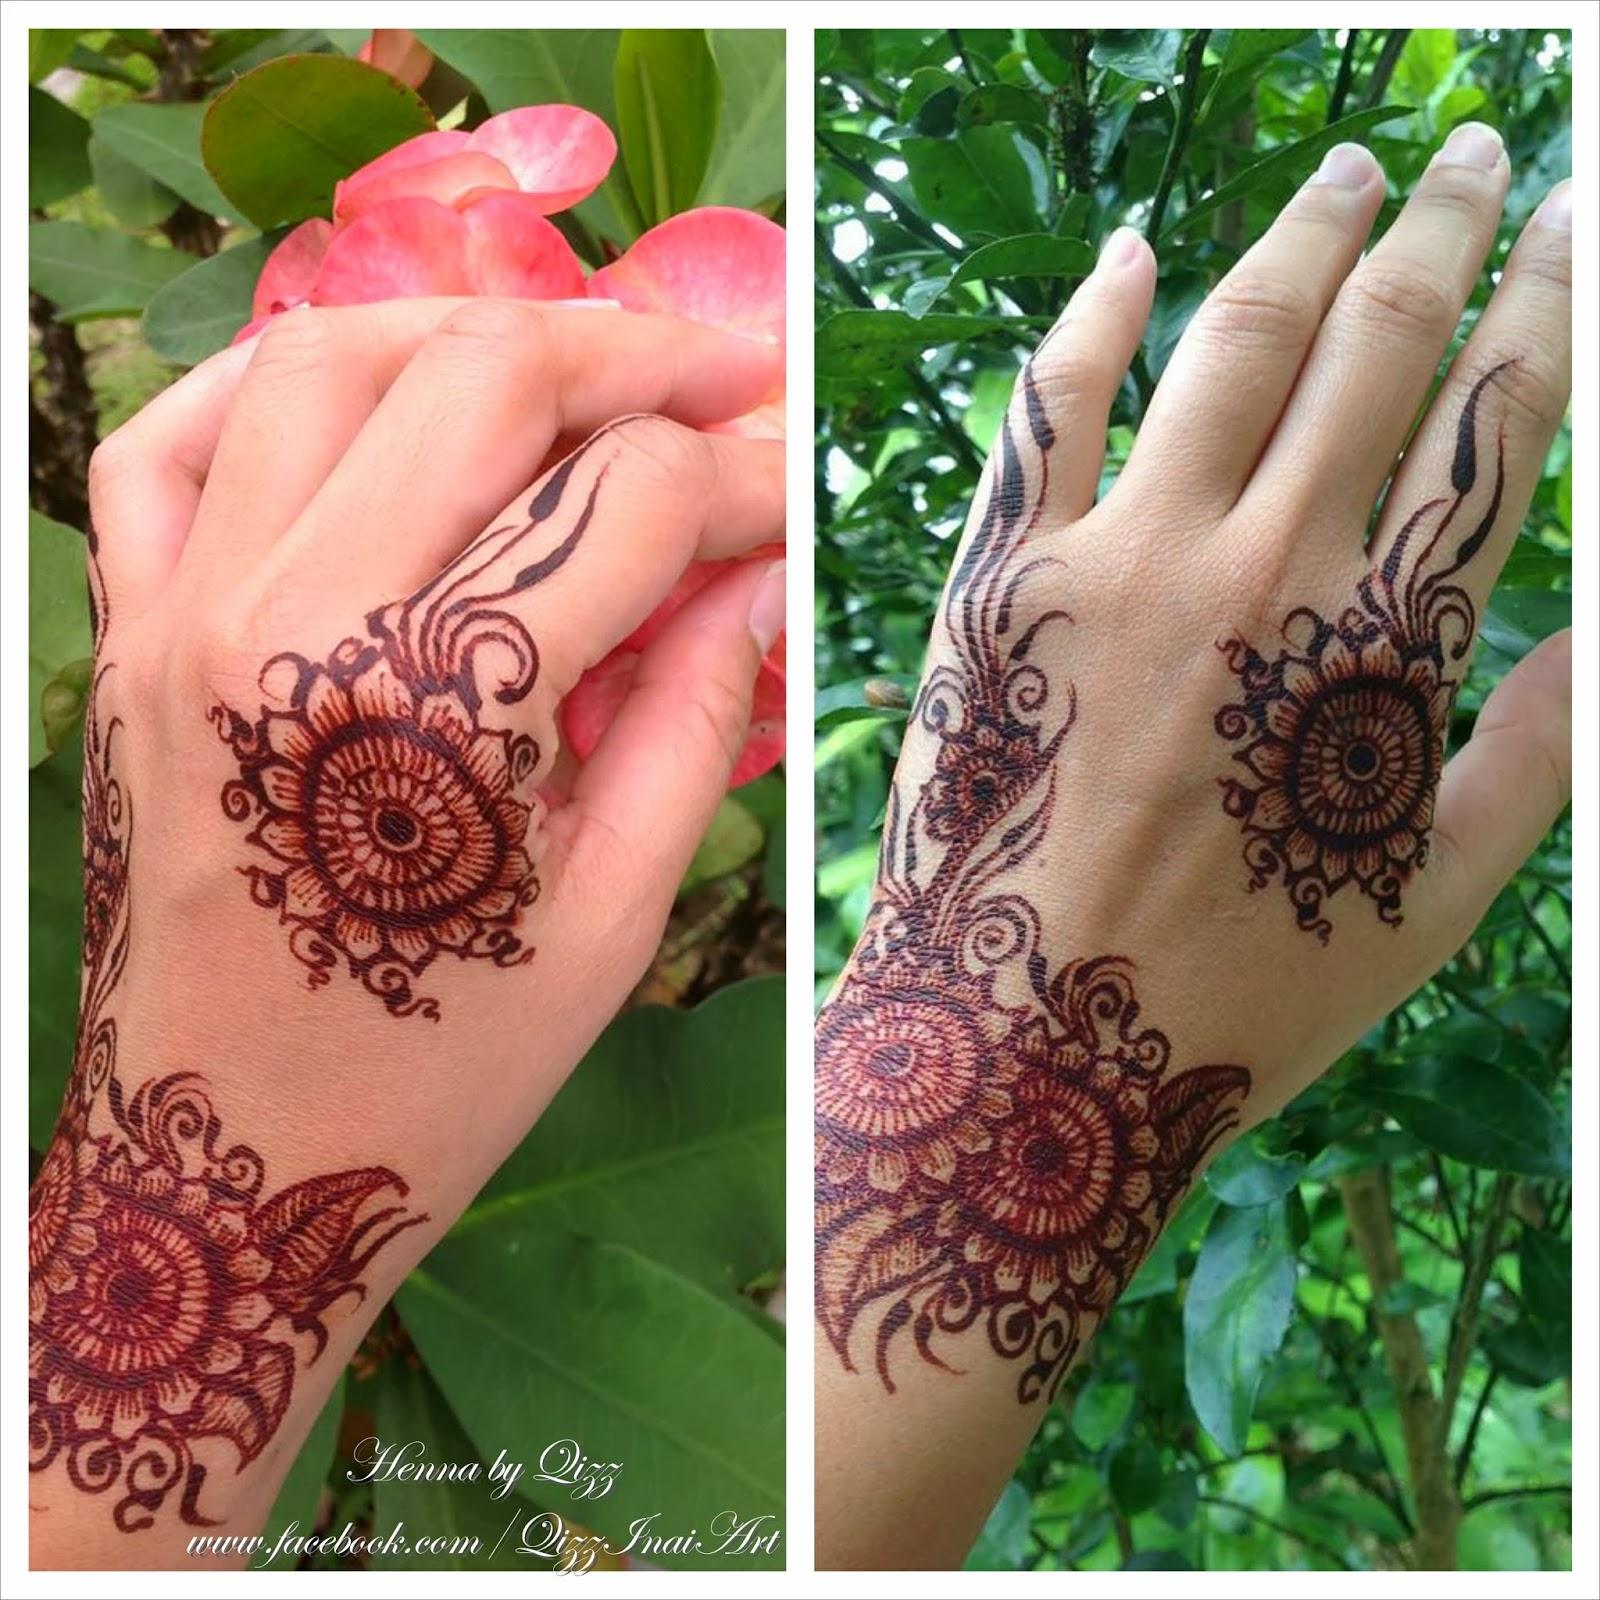 Qizz Inai Art